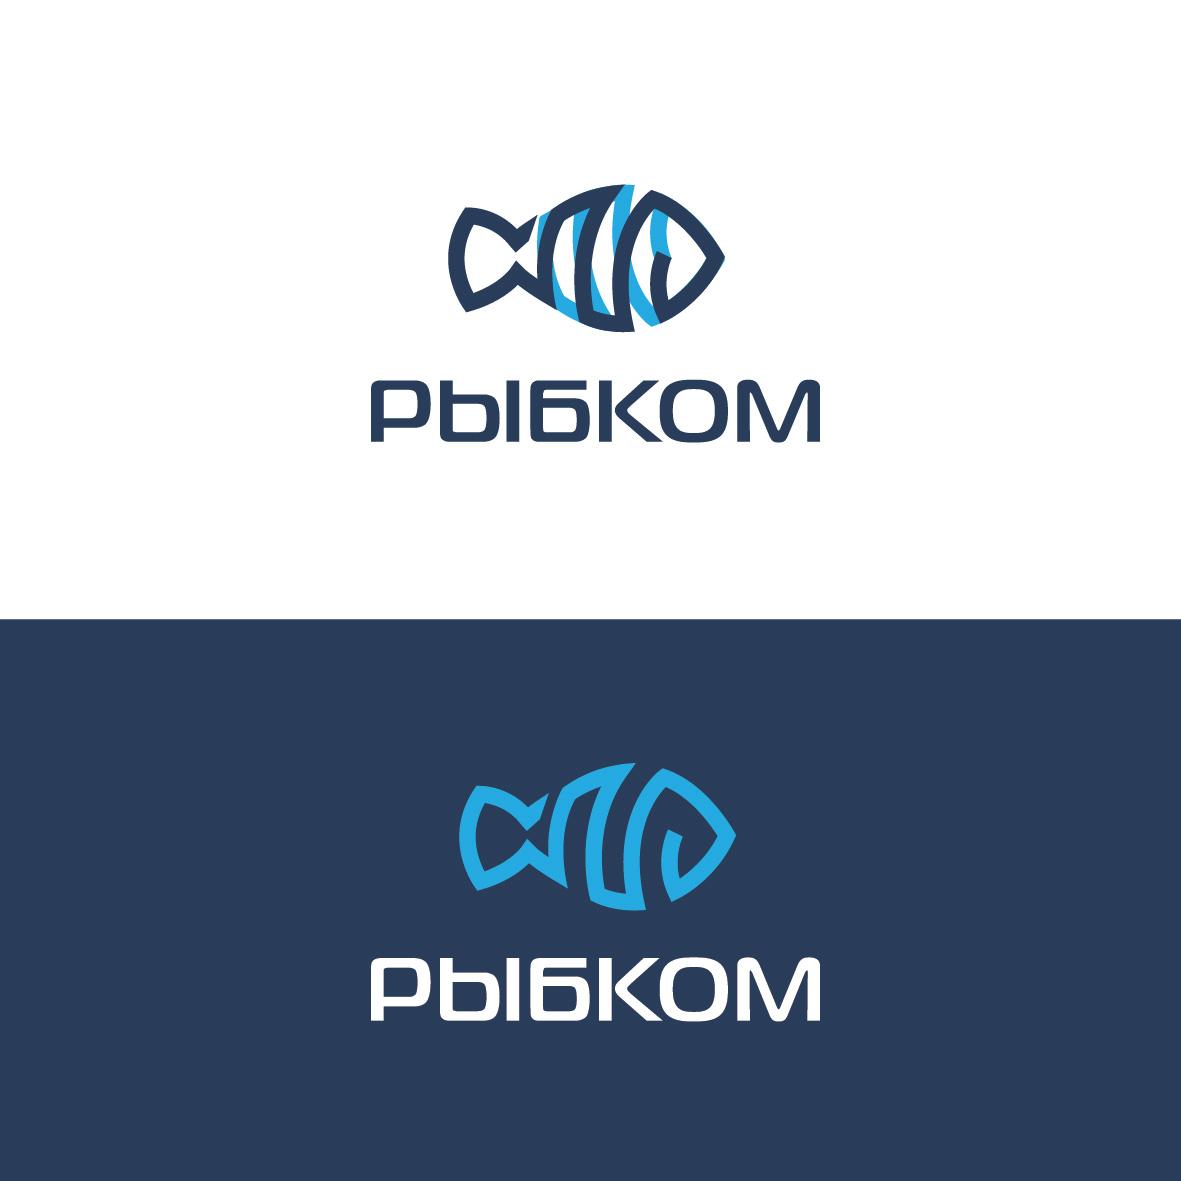 Создание логотипа и брэндбука для компании РЫБКОМ фото f_4945c091c57e81d5.jpg